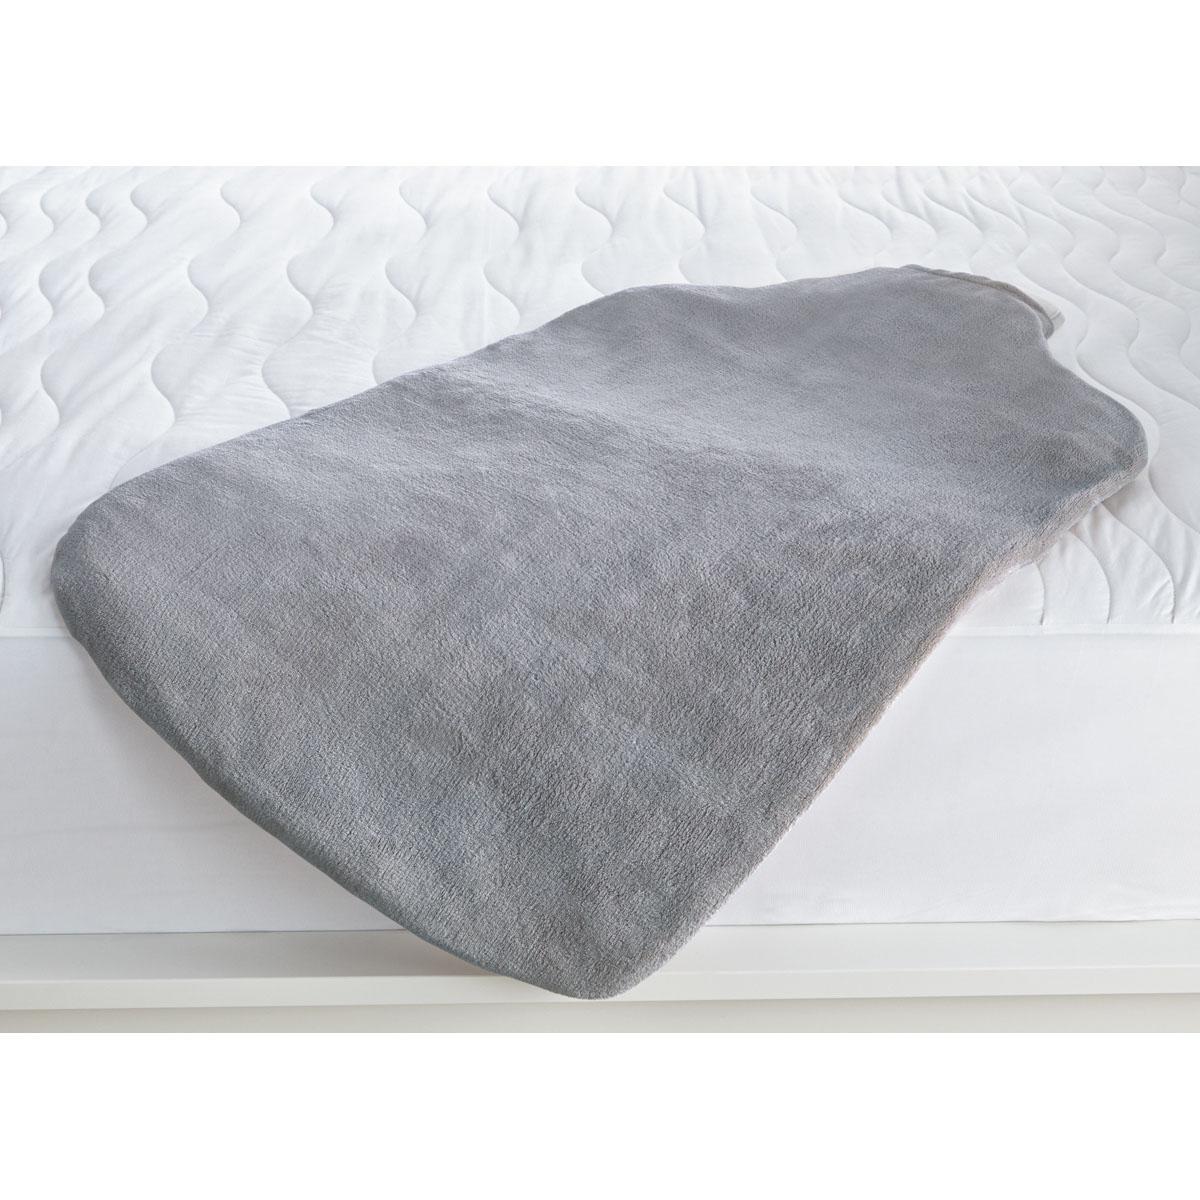 Sunbeam health™ RESTORE™ Heated Sleep Pad ...